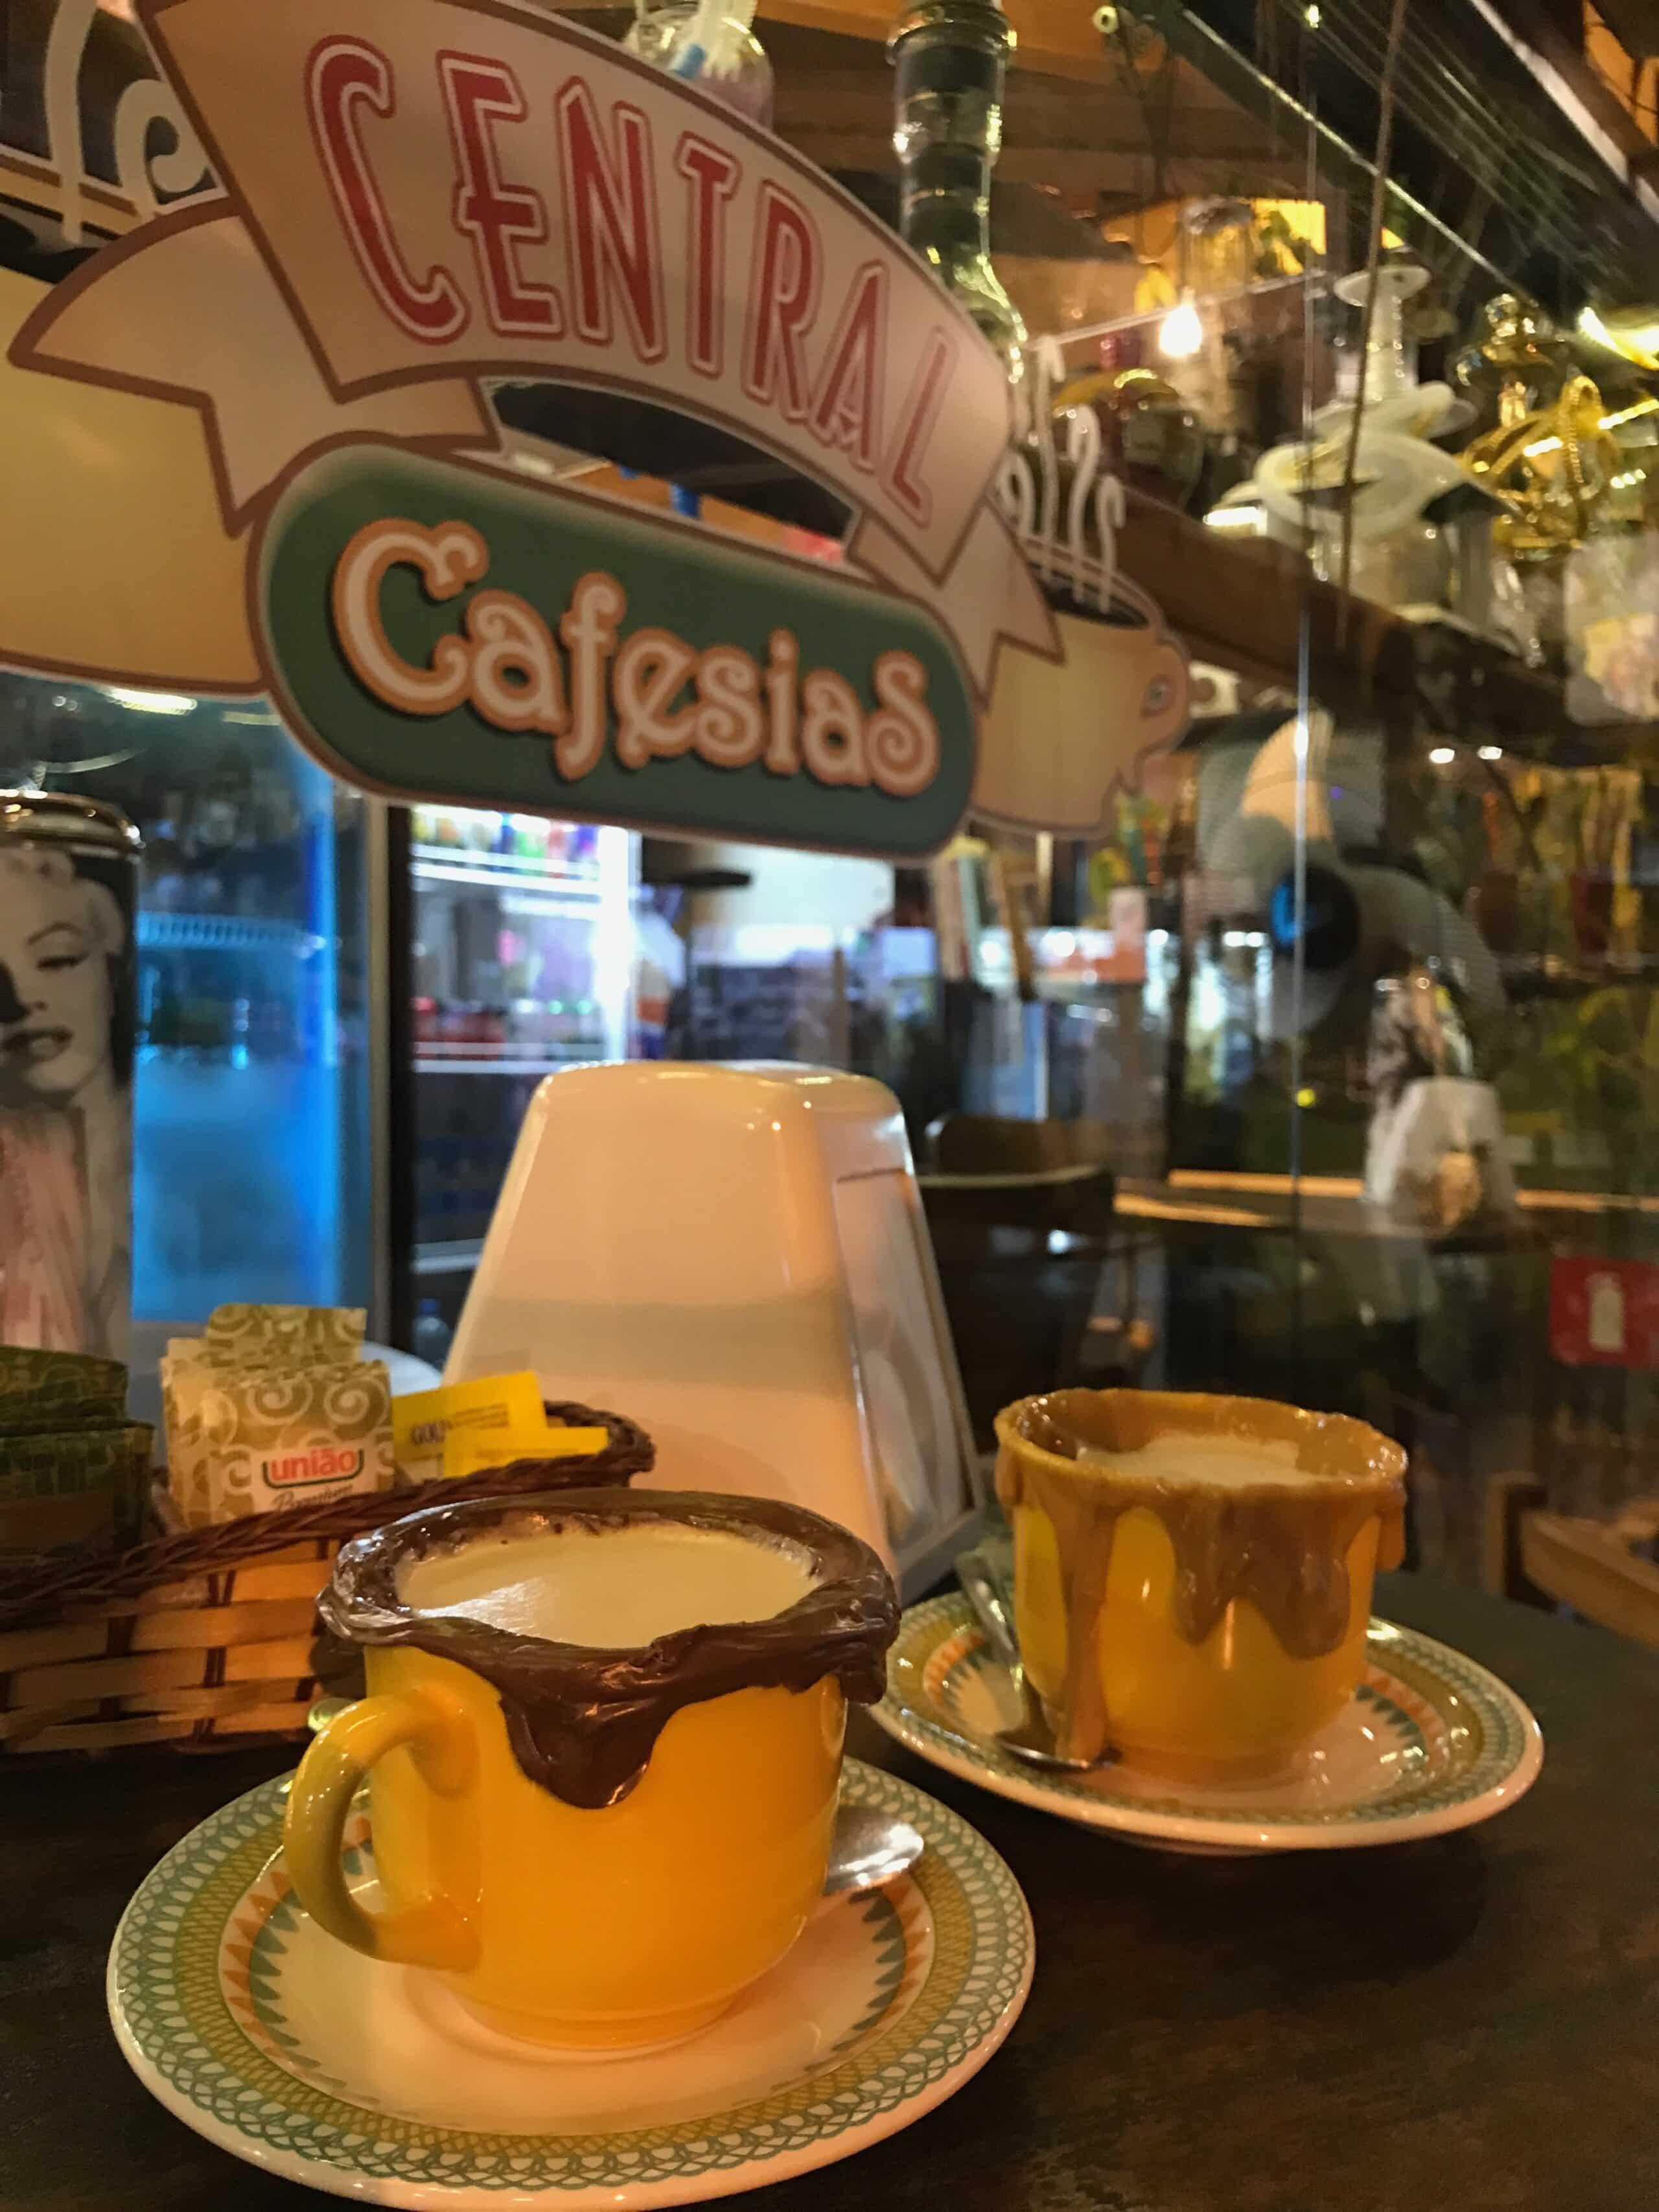 central cafesias em maresias